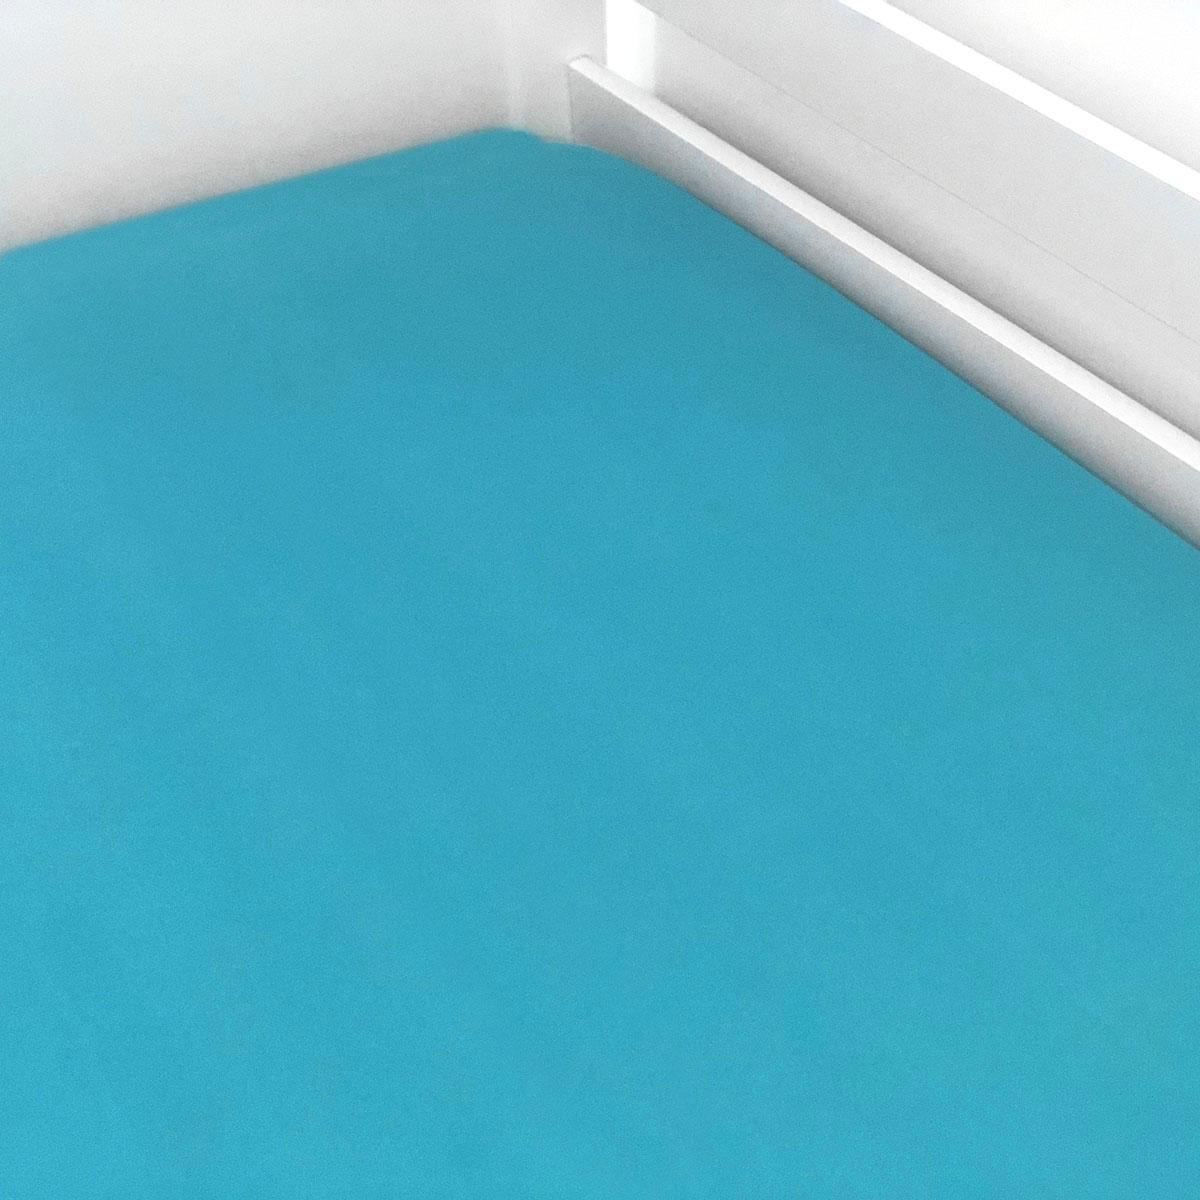 Lençol De Elástico Azul Liso Turquesa